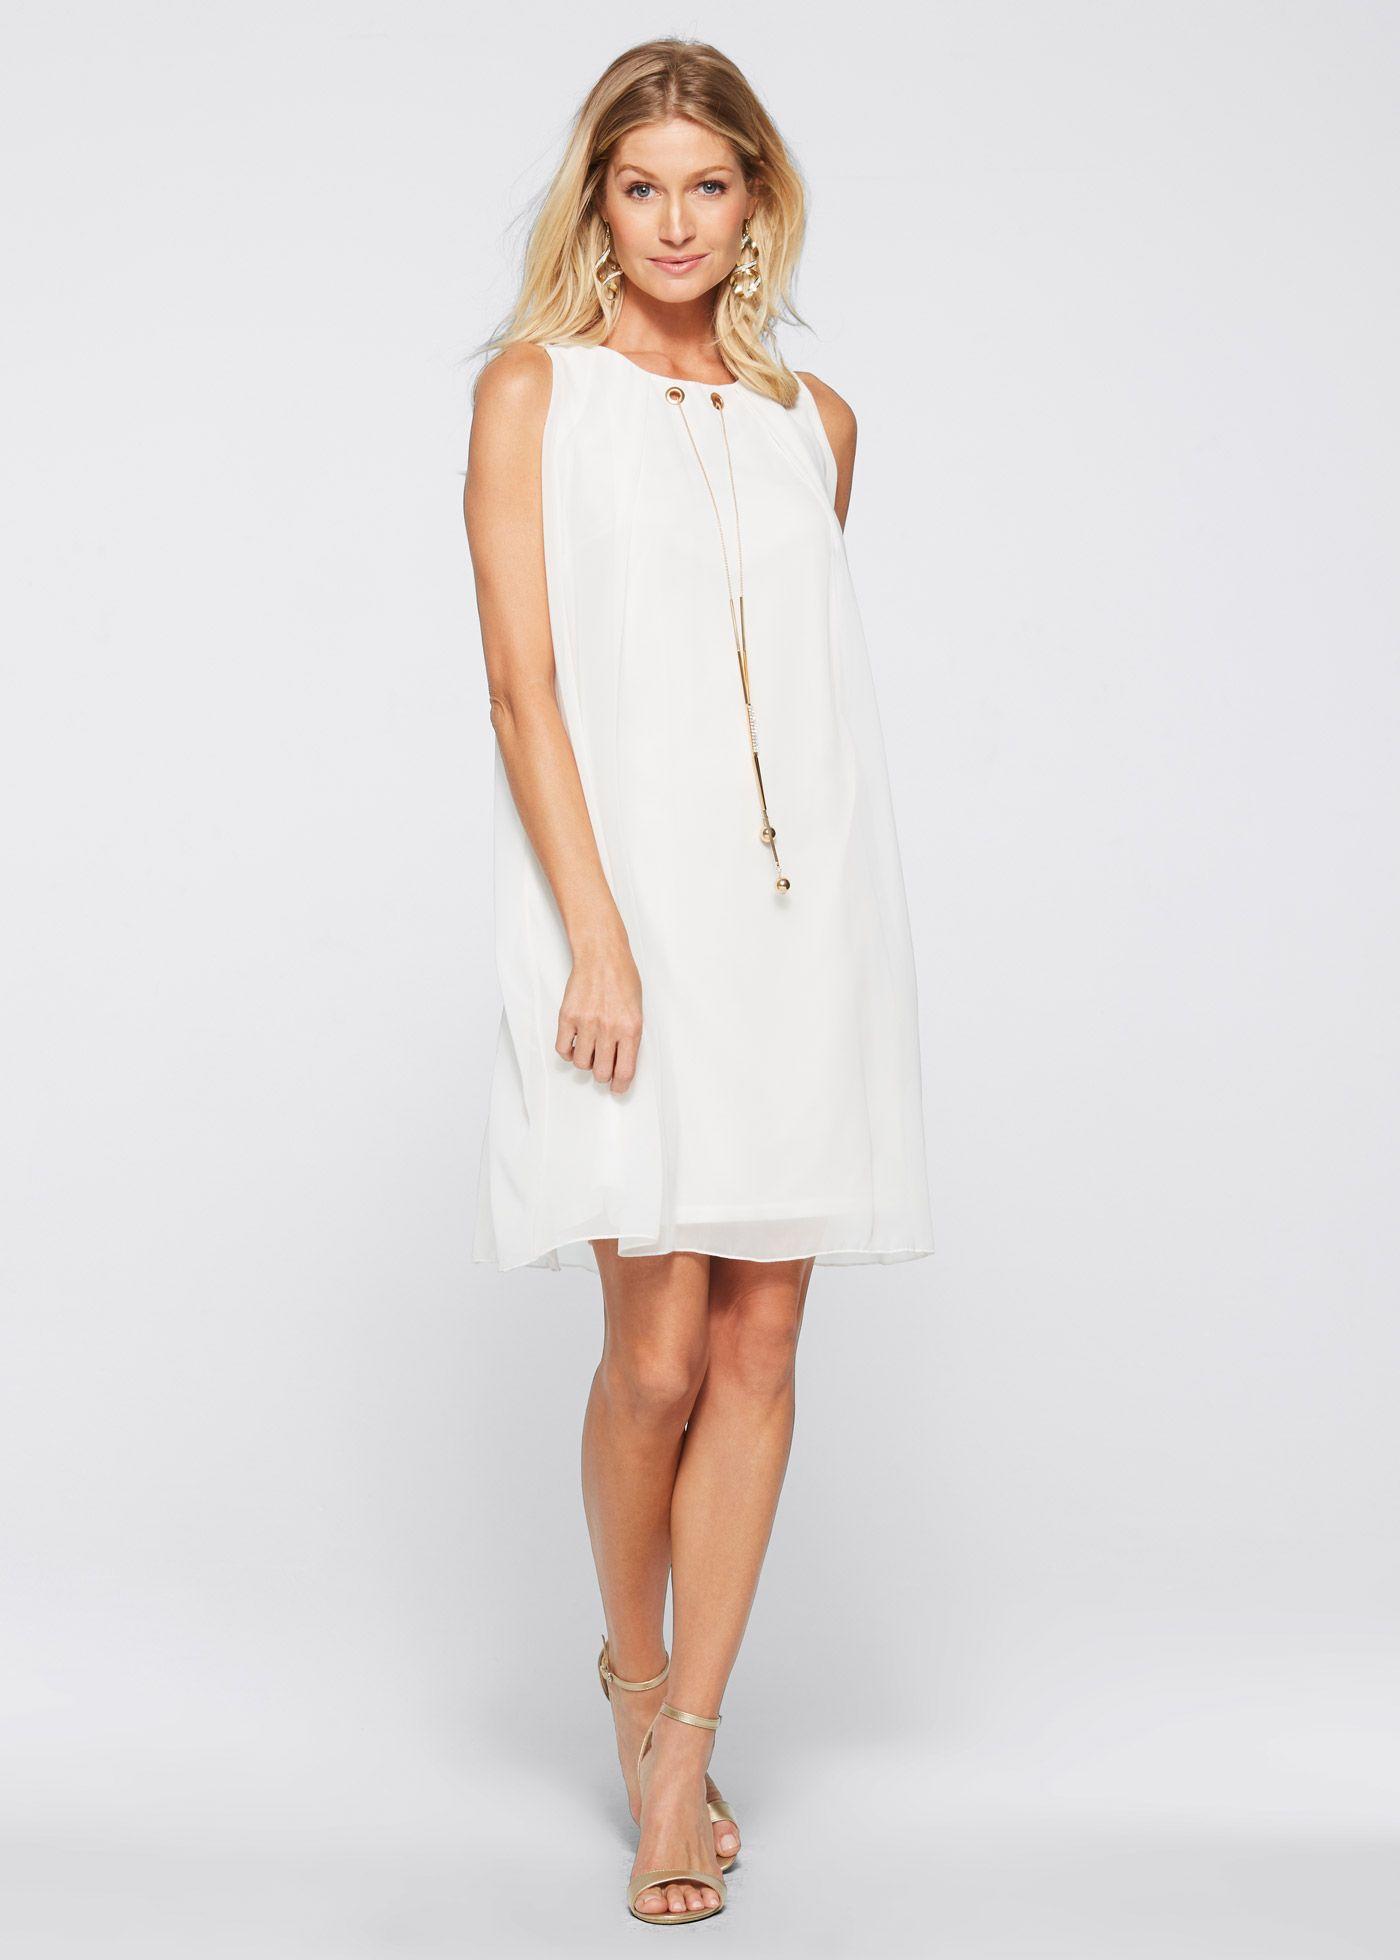 Šaty s doplňkem  Kleider, Weißes kleid, Modestil